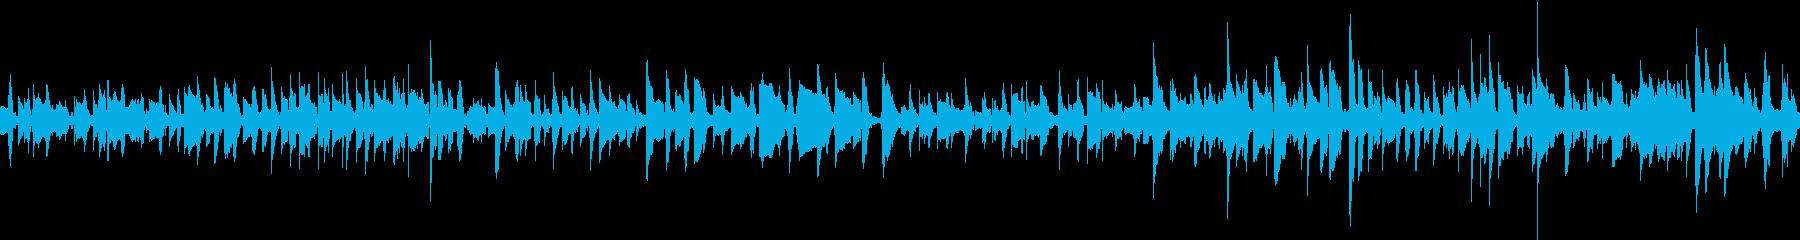 アコギ2本だけの可愛らしいスウィングの再生済みの波形